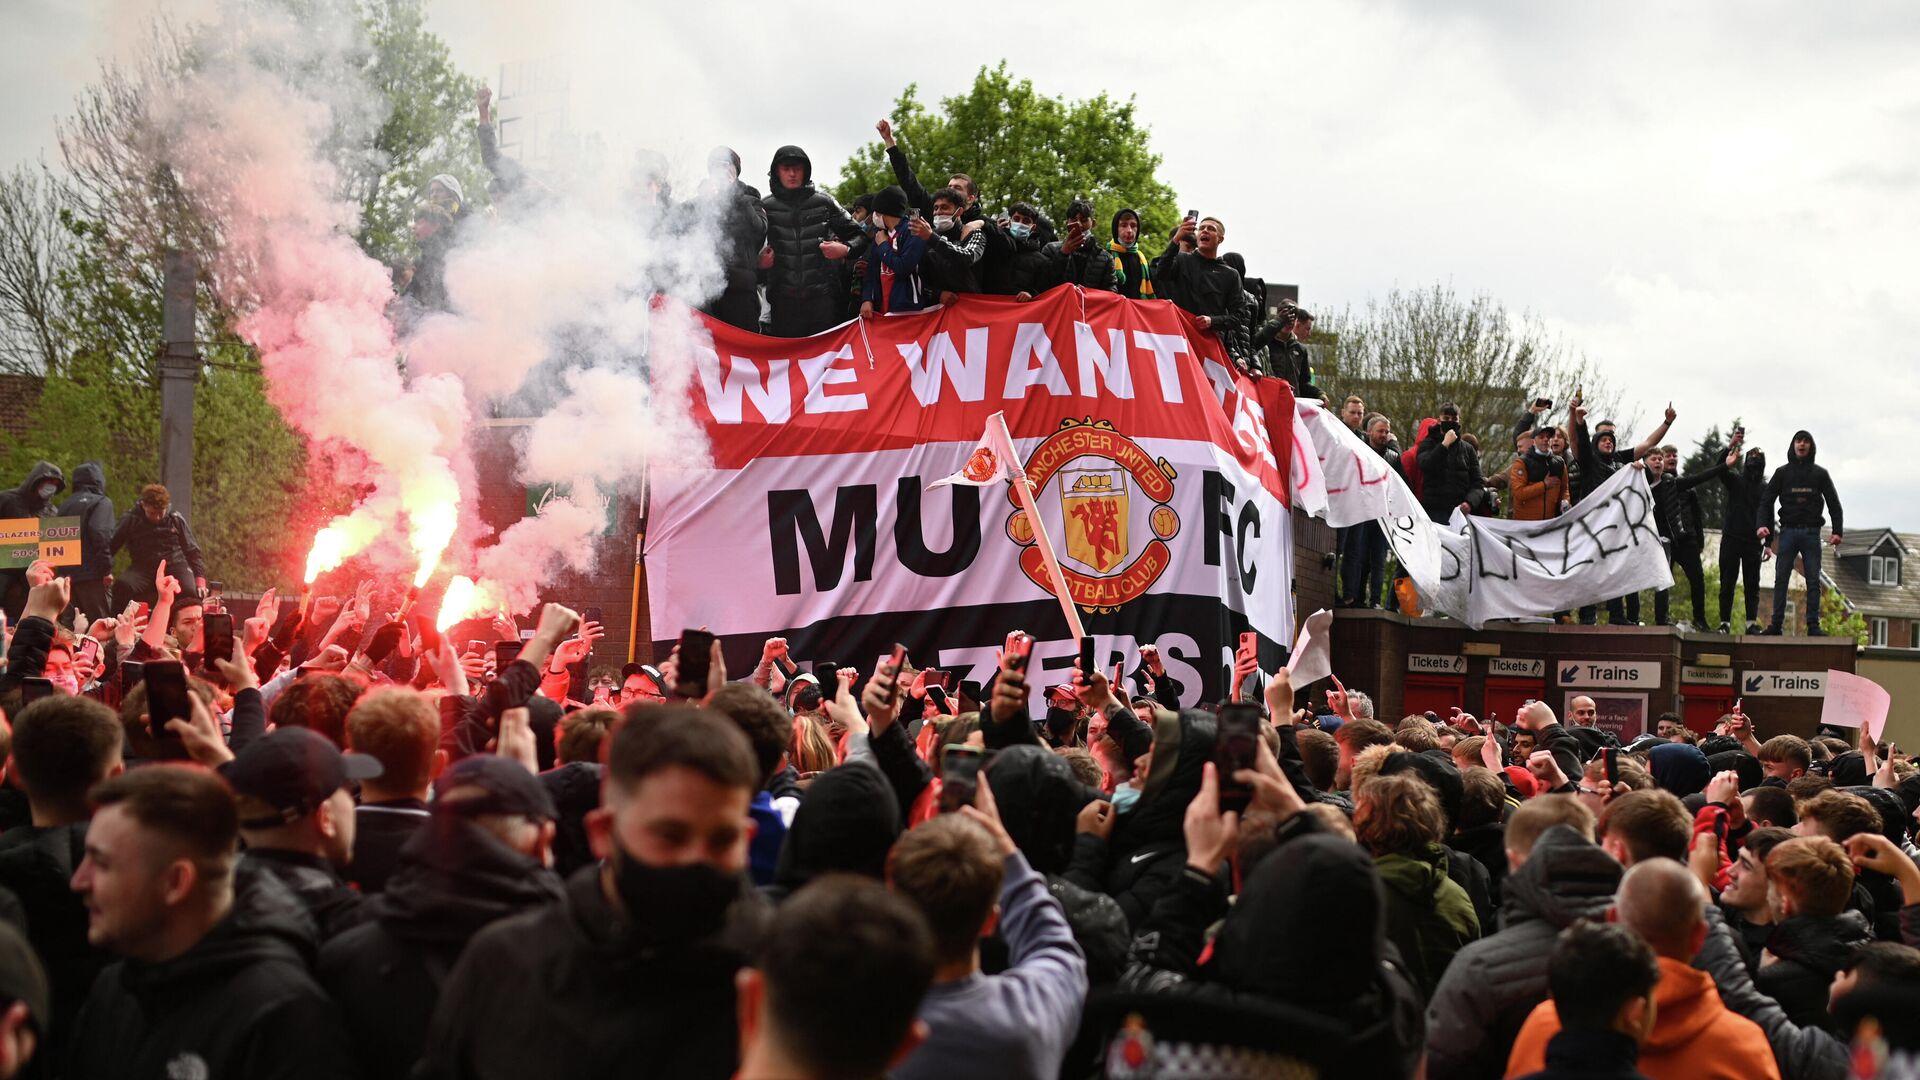 Акция протеста болельщиков Манчестер Юнайтед возле стадиона Олд Траффорд - РИА Новости, 1920, 02.05.2021